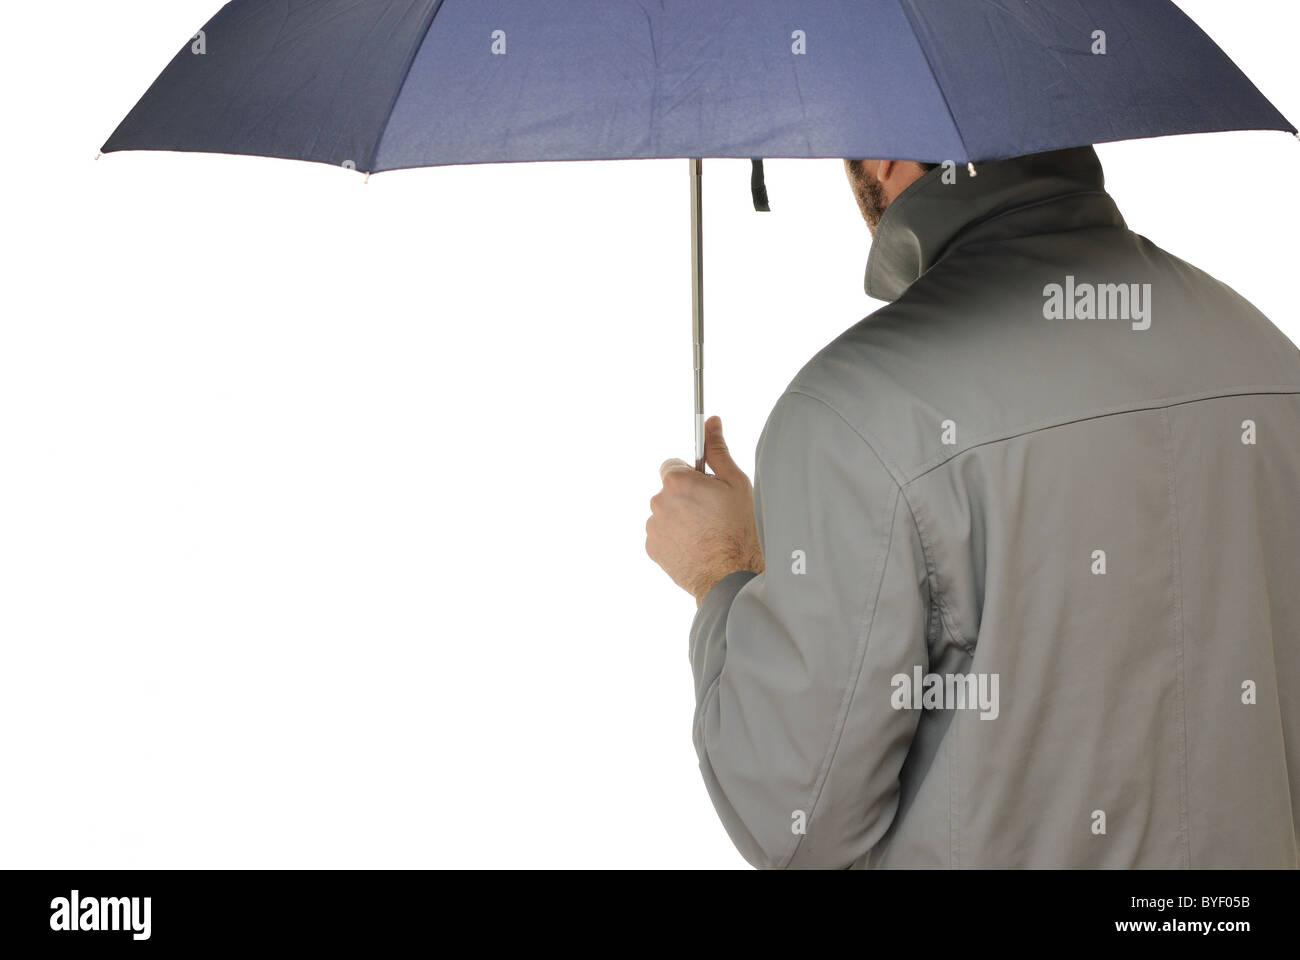 Mann mit Regenschirm und Regenmantel isoliert auf weiss. Stockbild